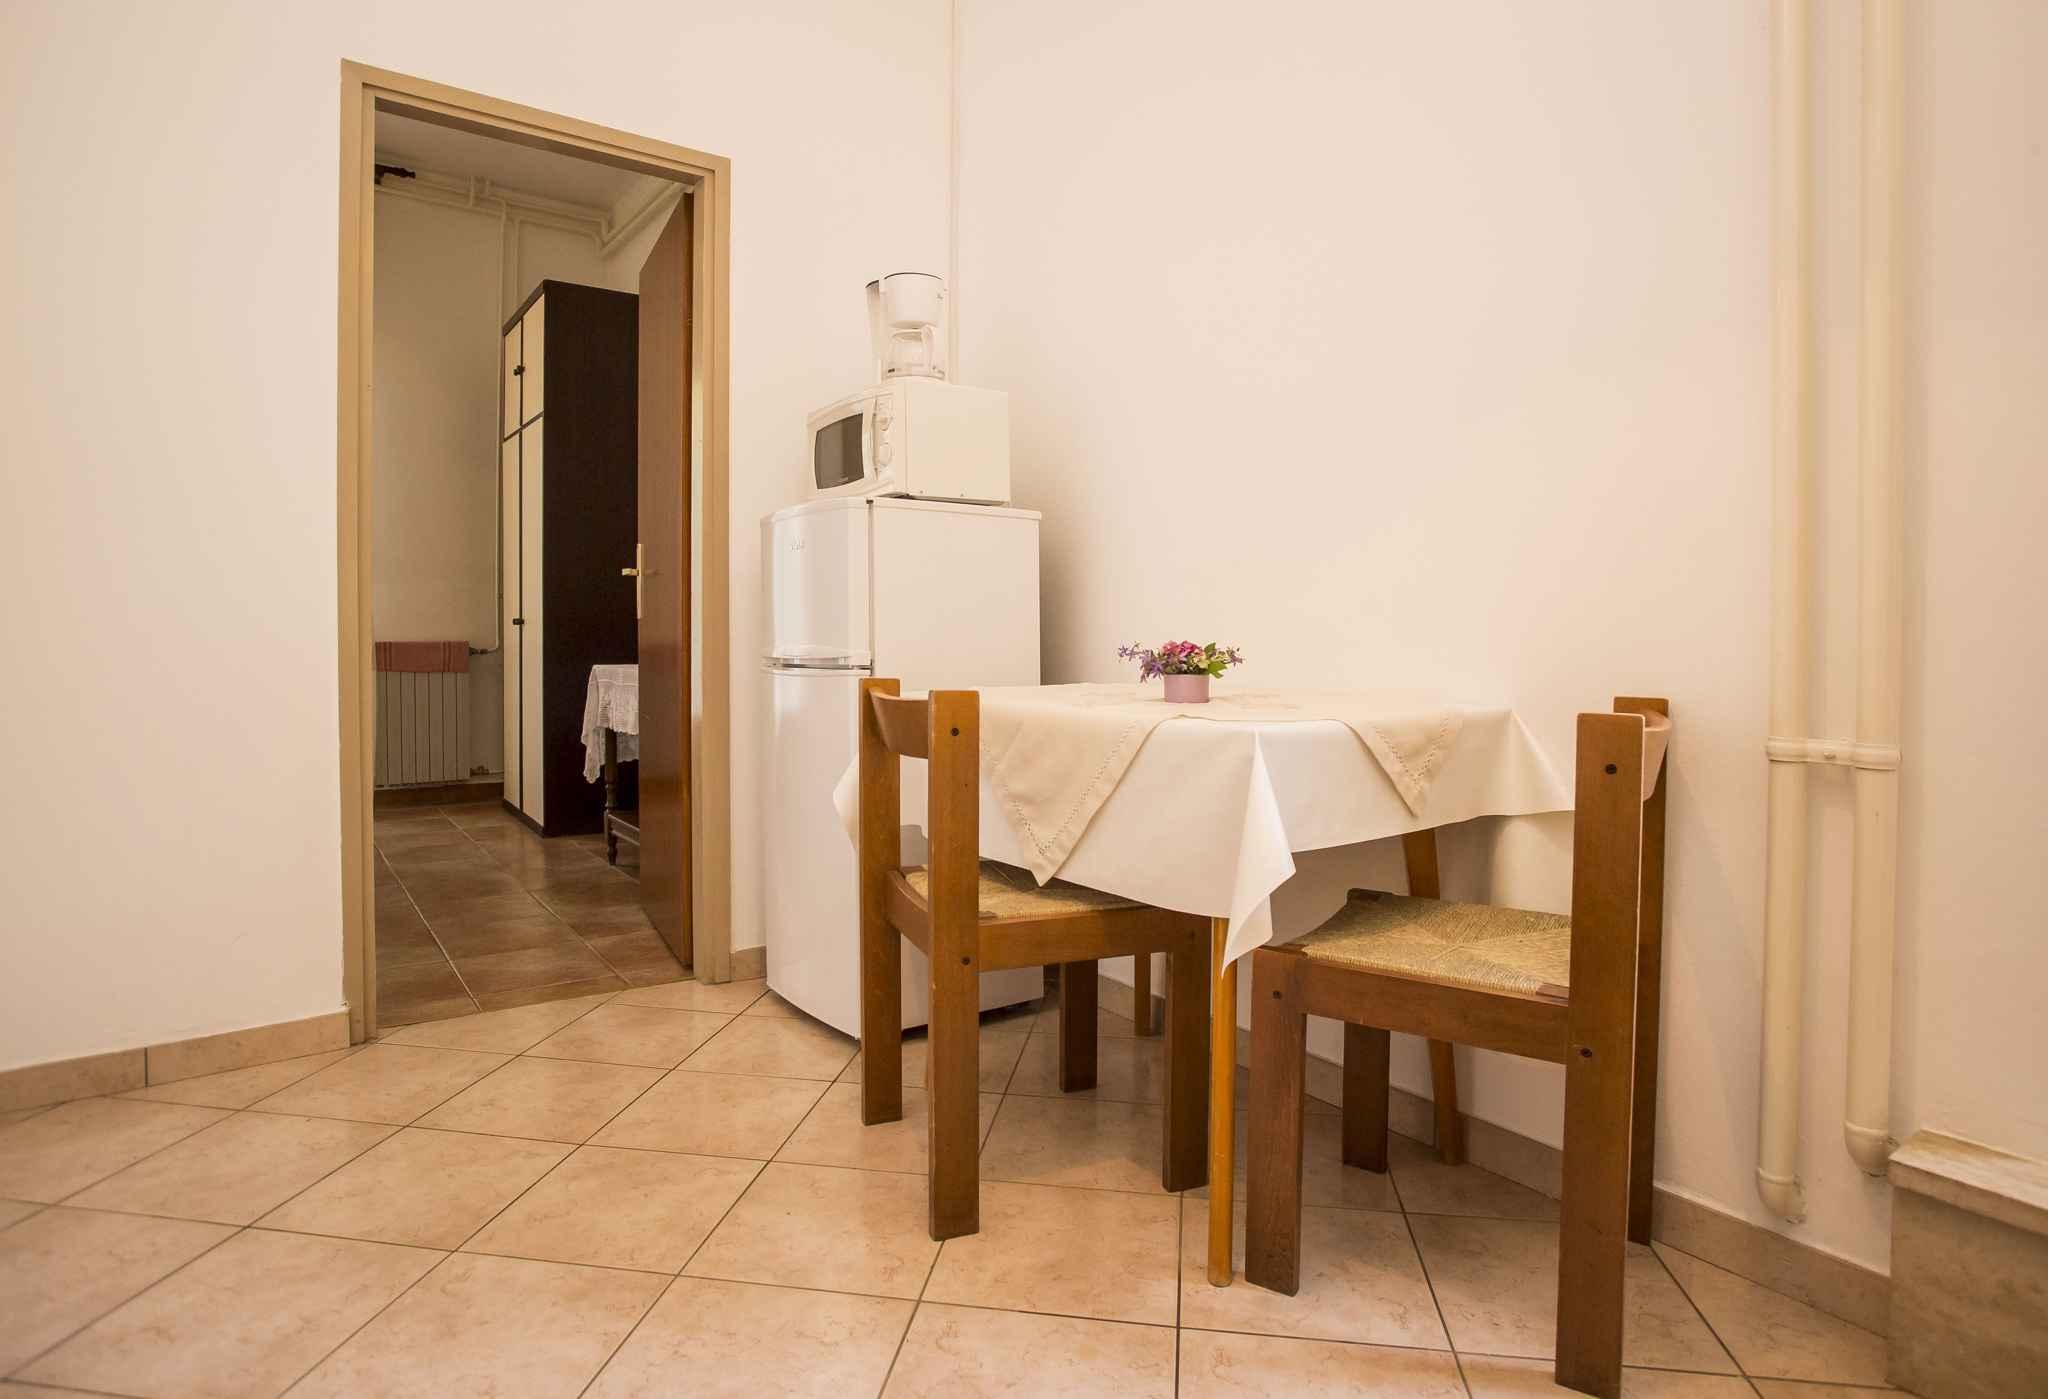 Ferienwohnung mit 2 Terrassen (281025), Rovinj, , Istrien, Kroatien, Bild 8